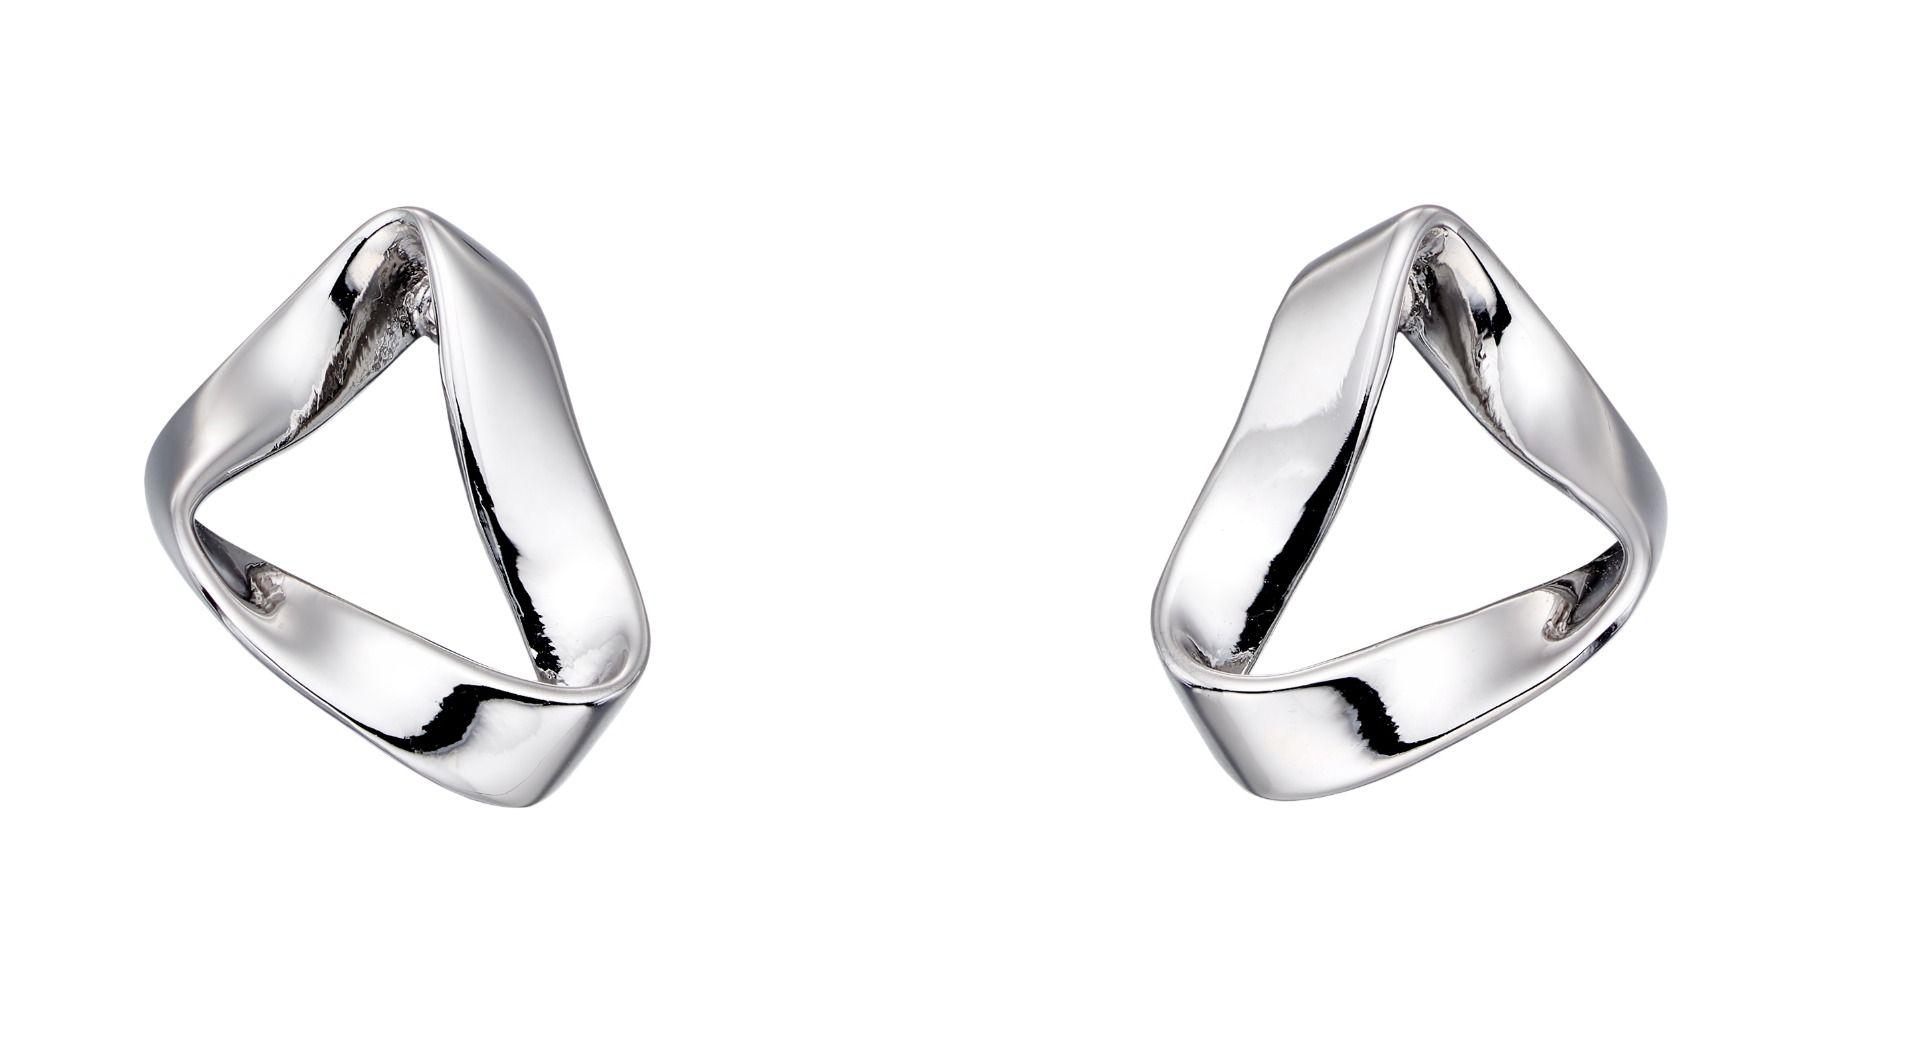 Fiorelli Silver Womens 925 Sterling Silver Folded Open Shape Stud Earrings